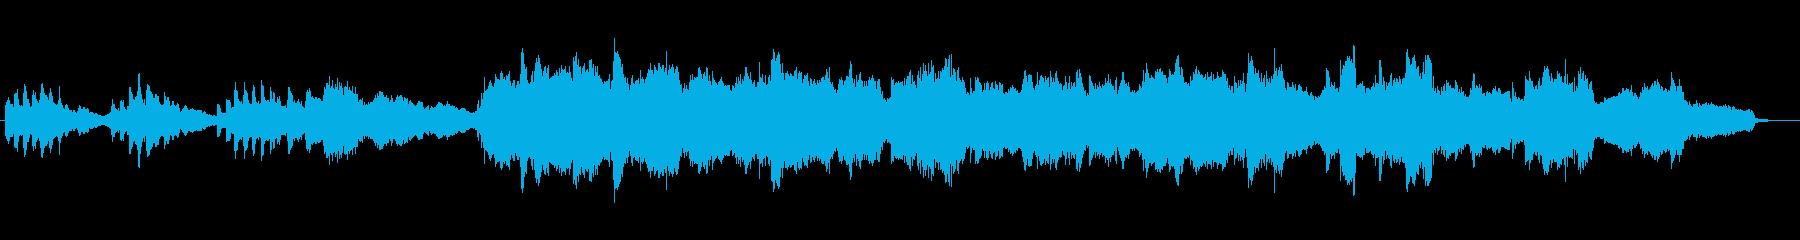 オーボエが印象的な優しい雰囲気のジングルの再生済みの波形